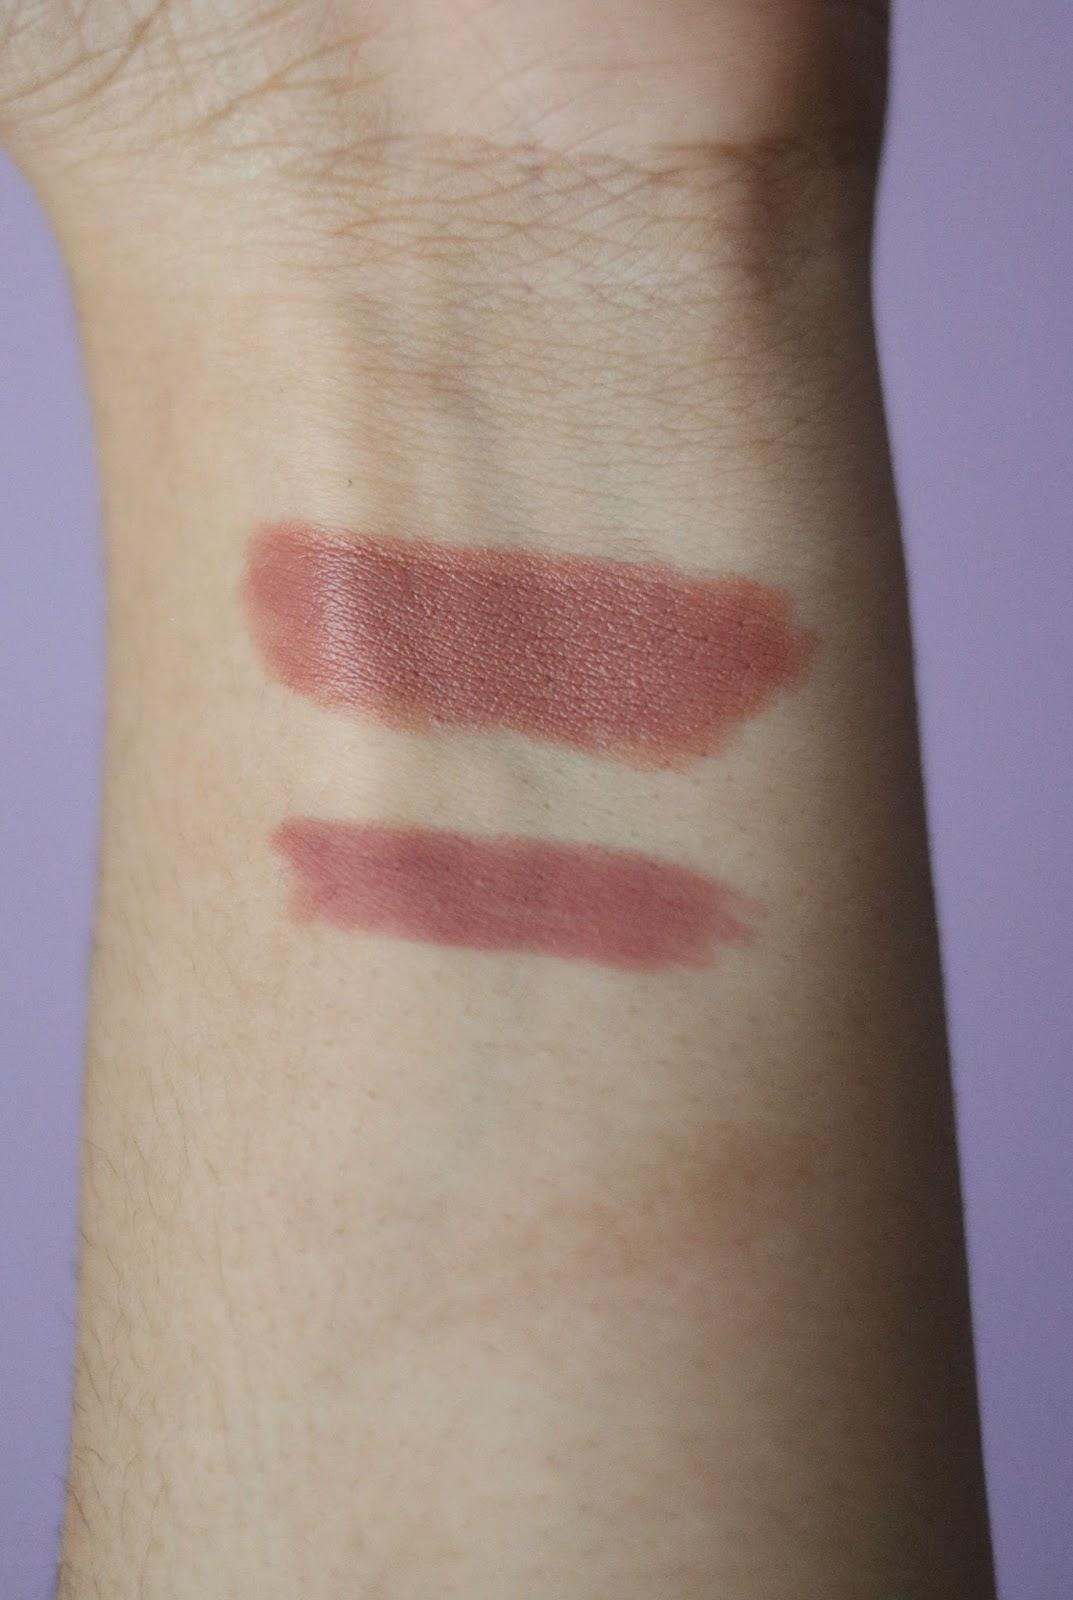 Colourpop, cosmetiques, À la Une, Aquarius , Kathleen Light,  Lippie Stix , Revue , Avis , Swatch , blog beauté , rosemademoiselle , rose mademoiselle